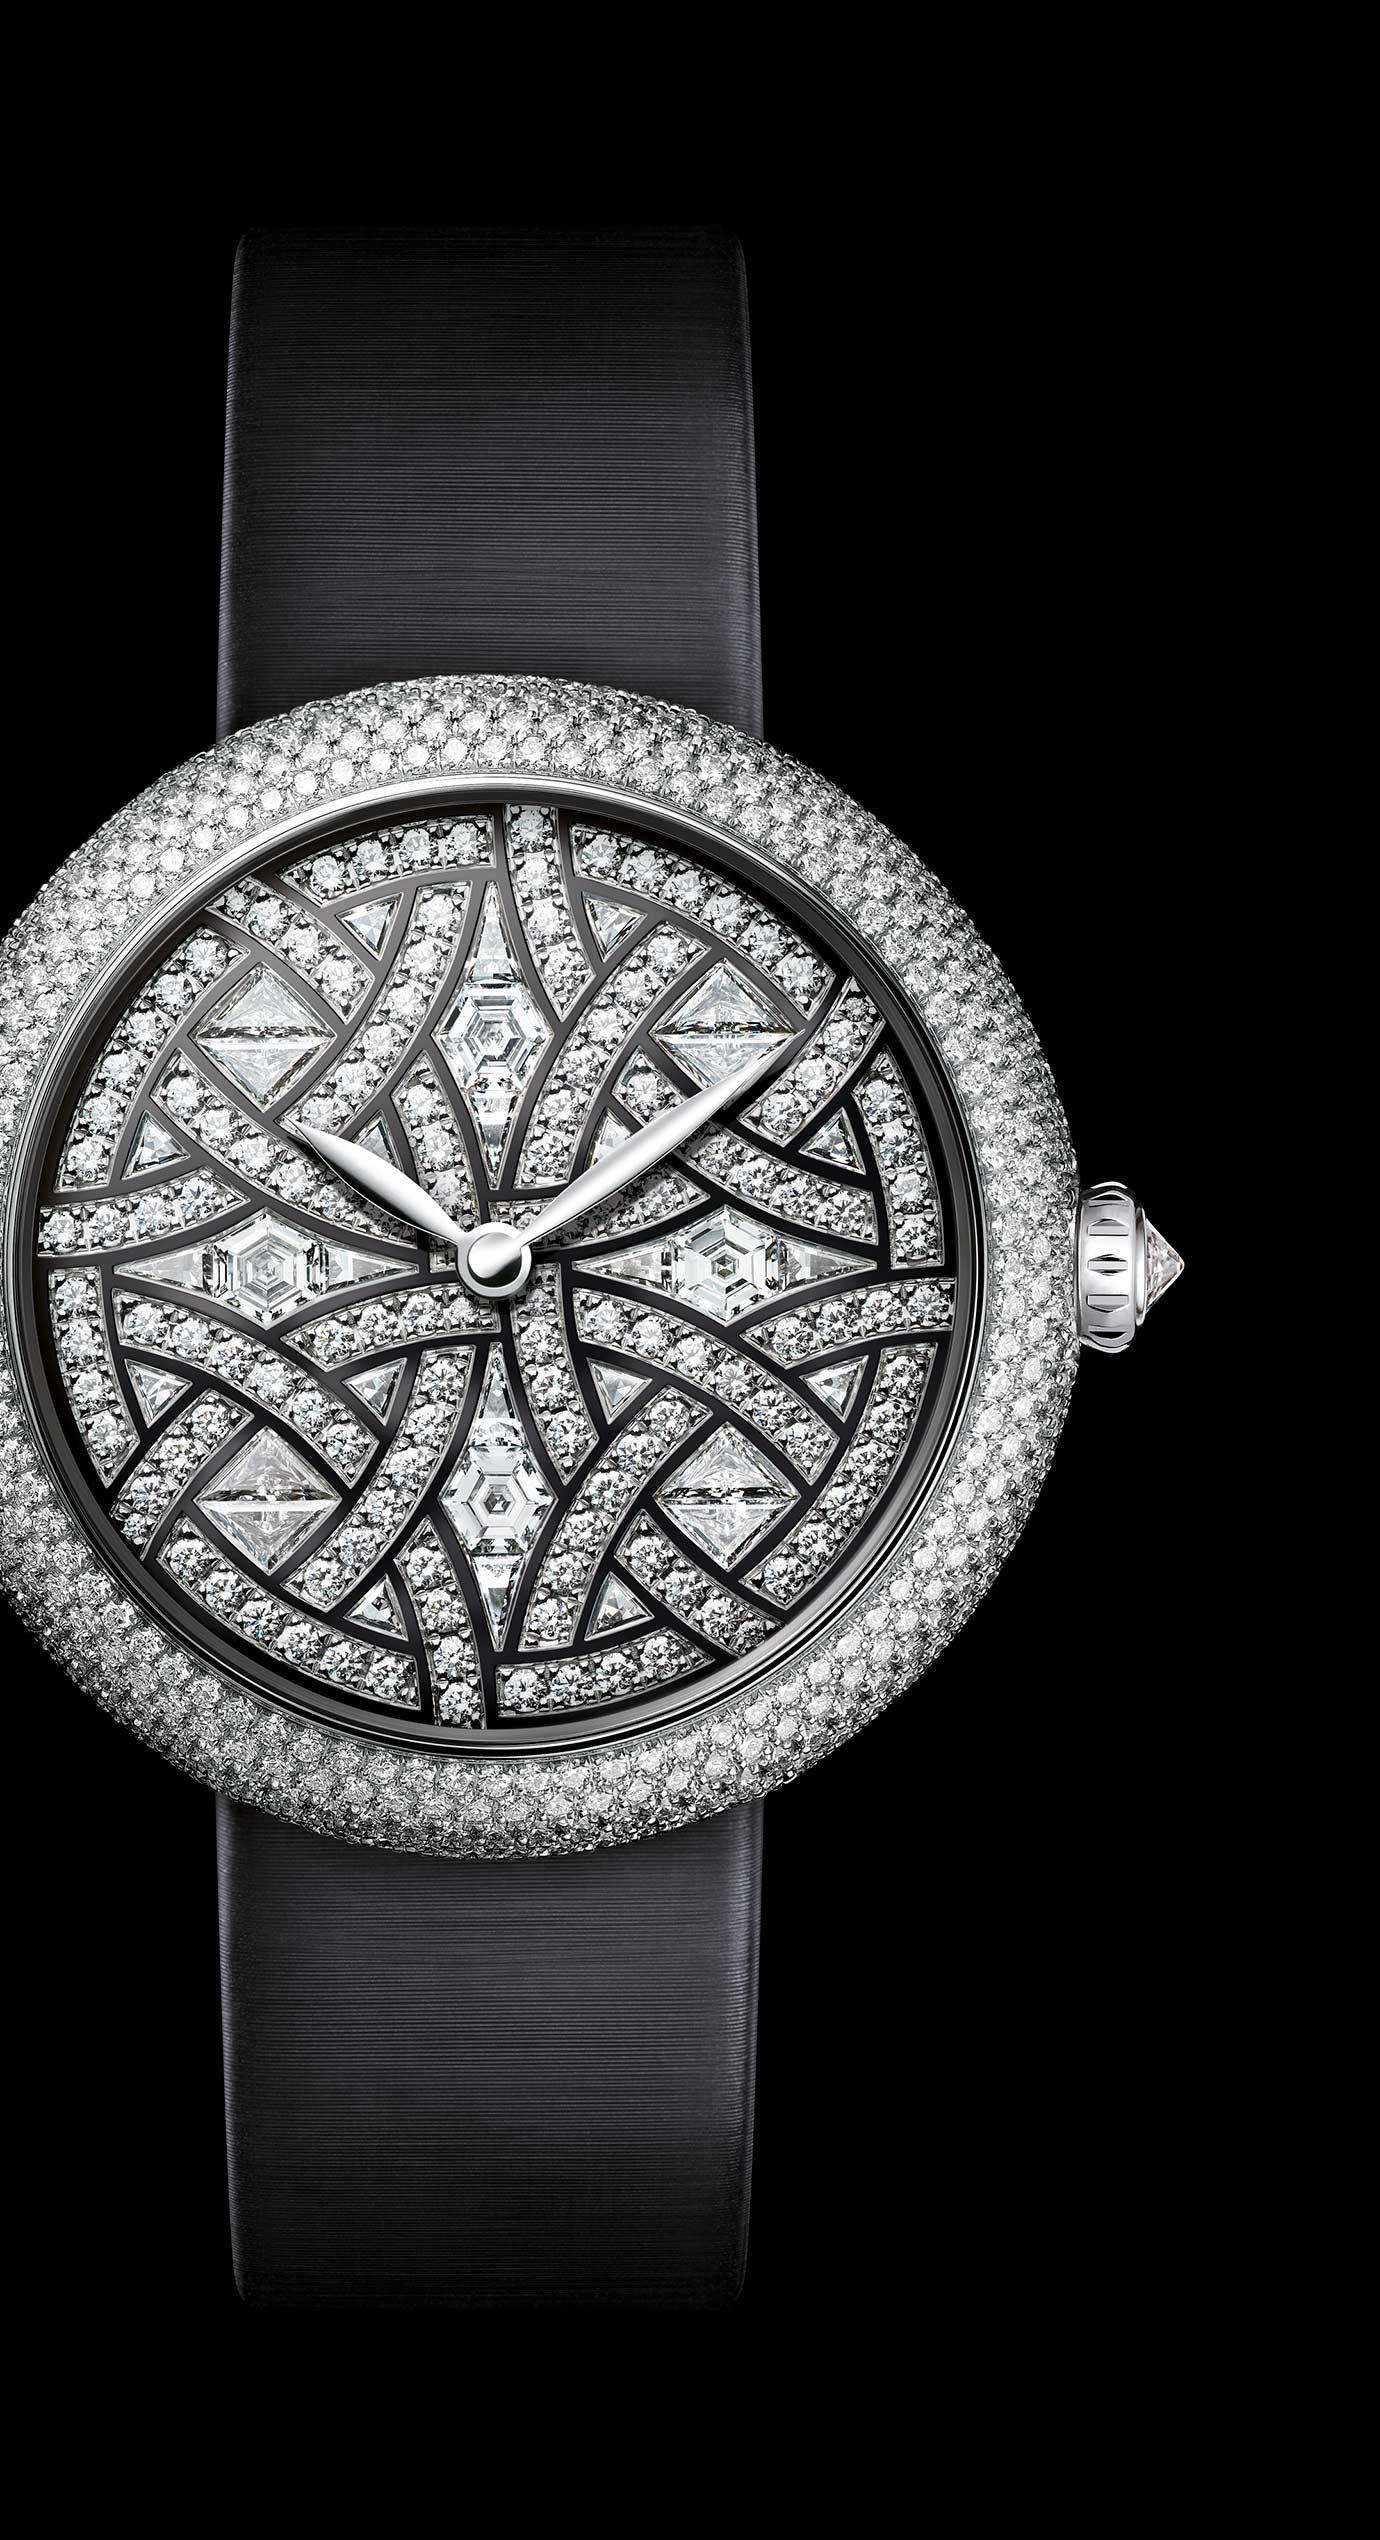 Reloj Mademoiselle Privé - Oro blanco y diamantes. - Vista ampliada